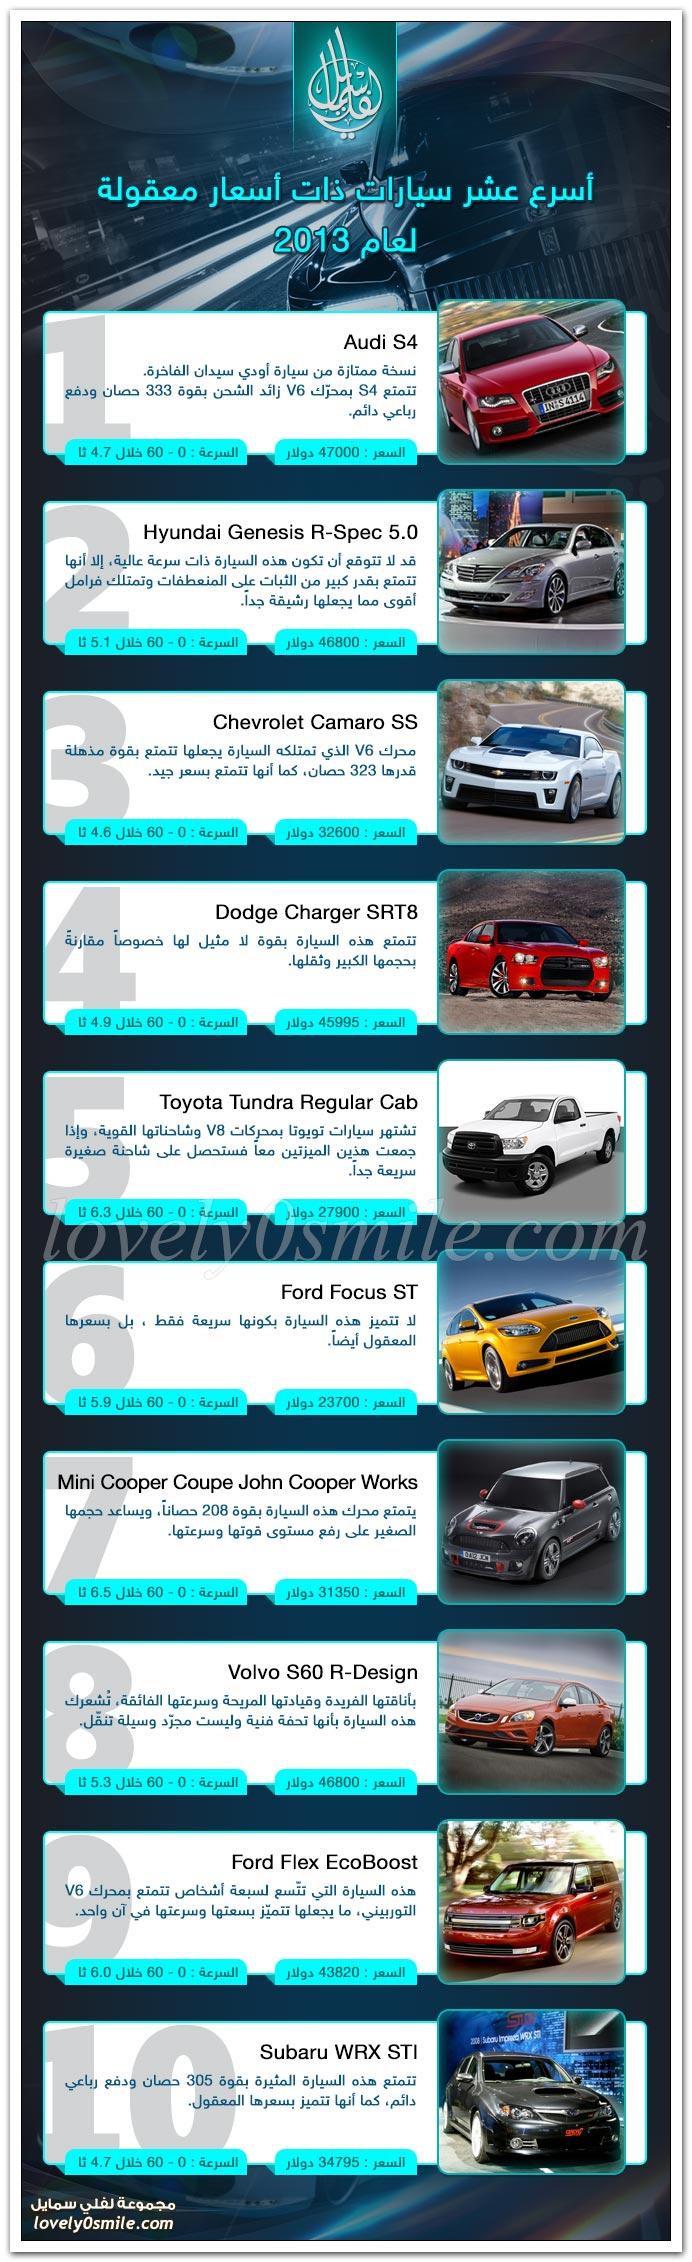 أسرع عشرة سيارات ذات أسعار معقولة لعام 2013